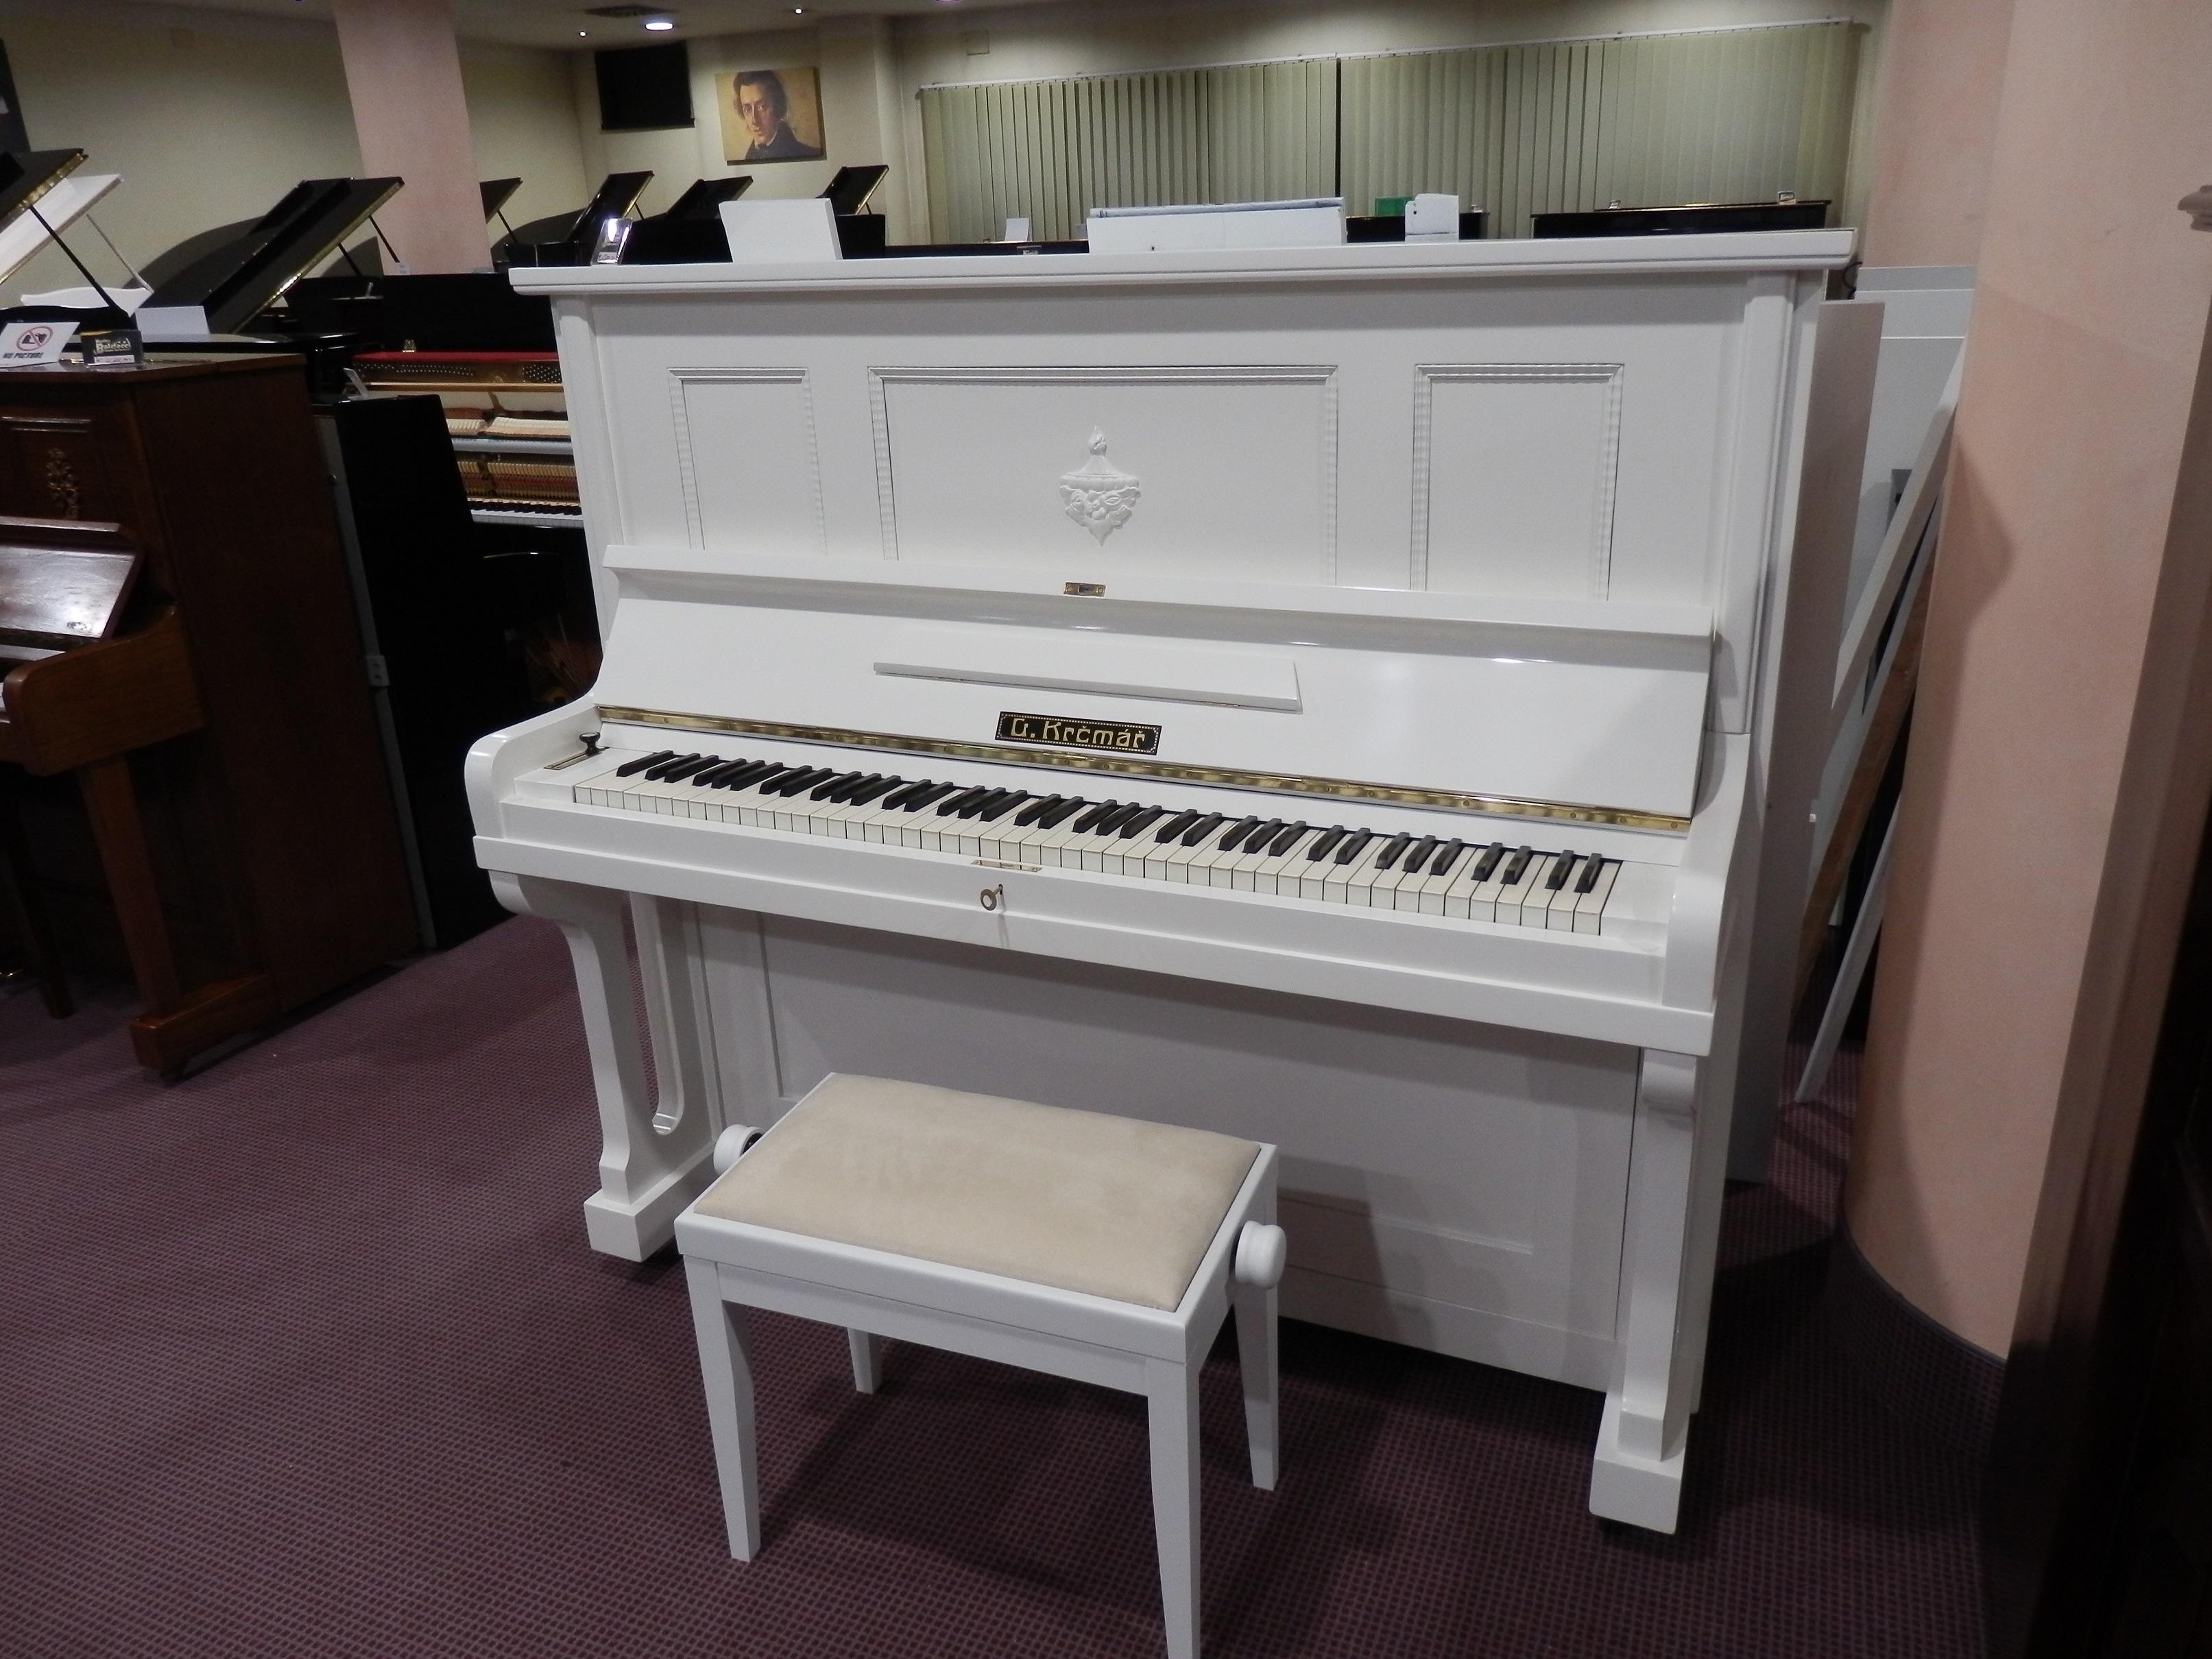 Pianoforte verticale bianco satinato usato g.krcmar strumenti